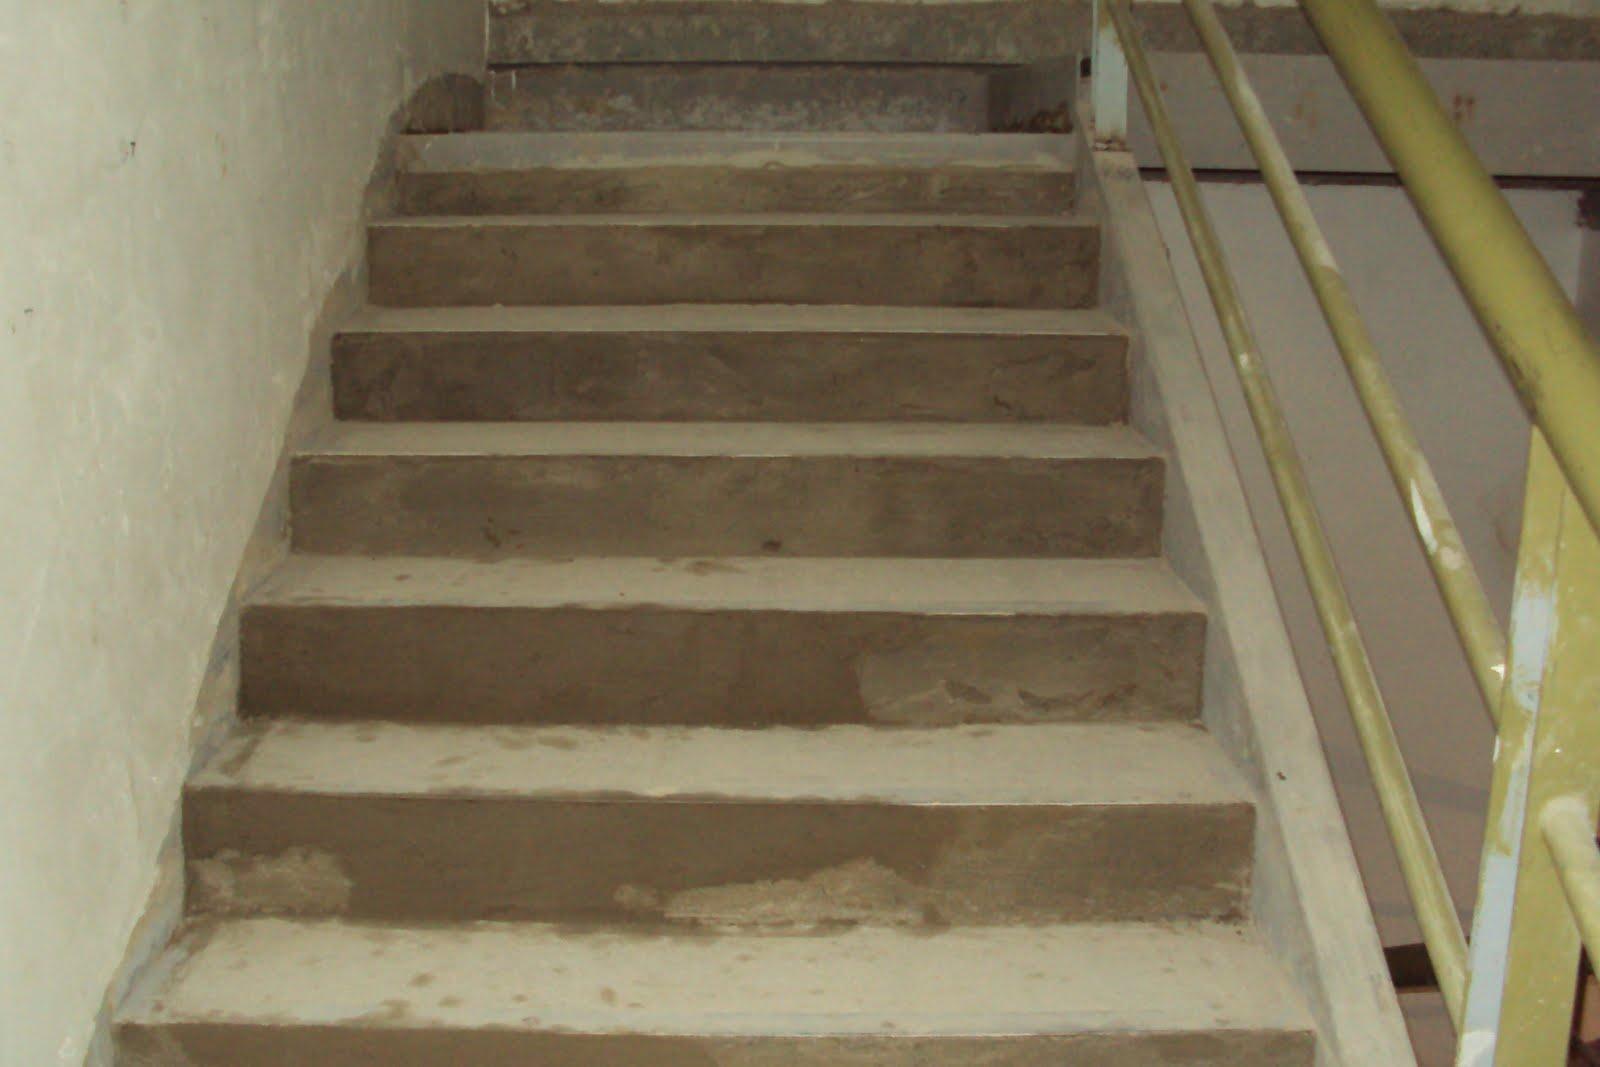 Concreto en escalera piso 1 y 2 pre lobby 25 06 2010 for Pisos para escaleras de concreto